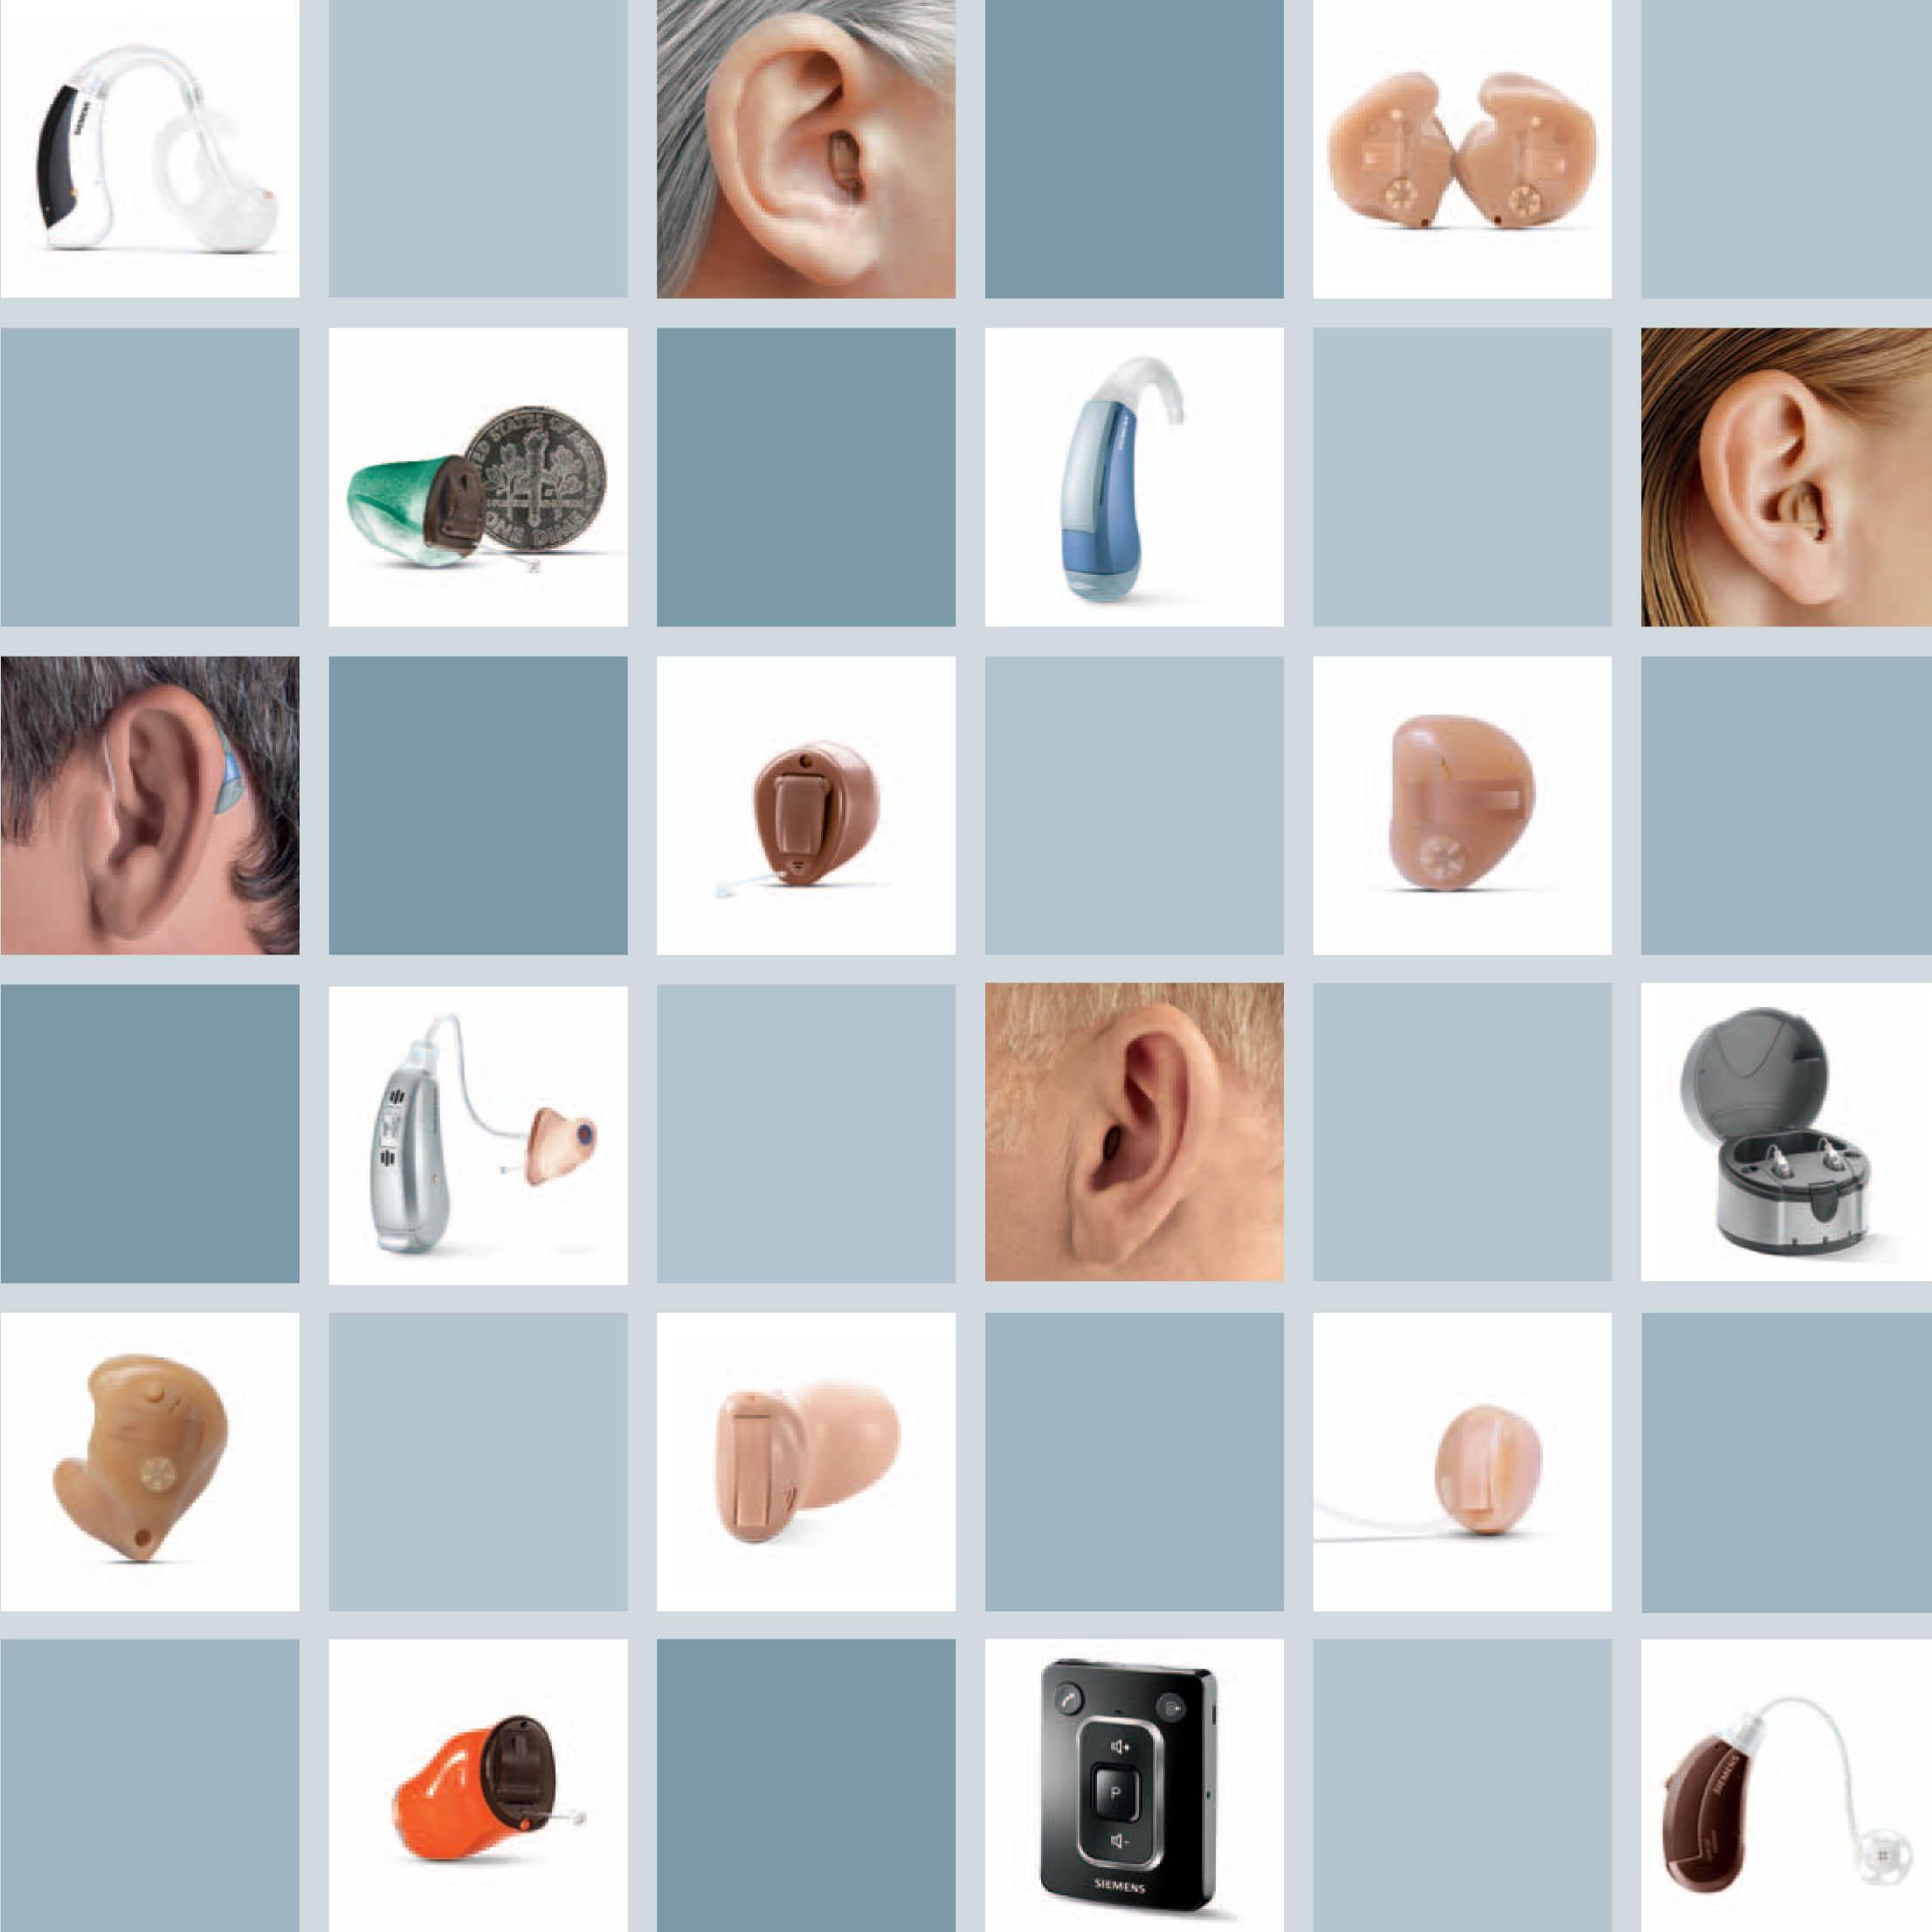 Siemens Digital Hearing Aids